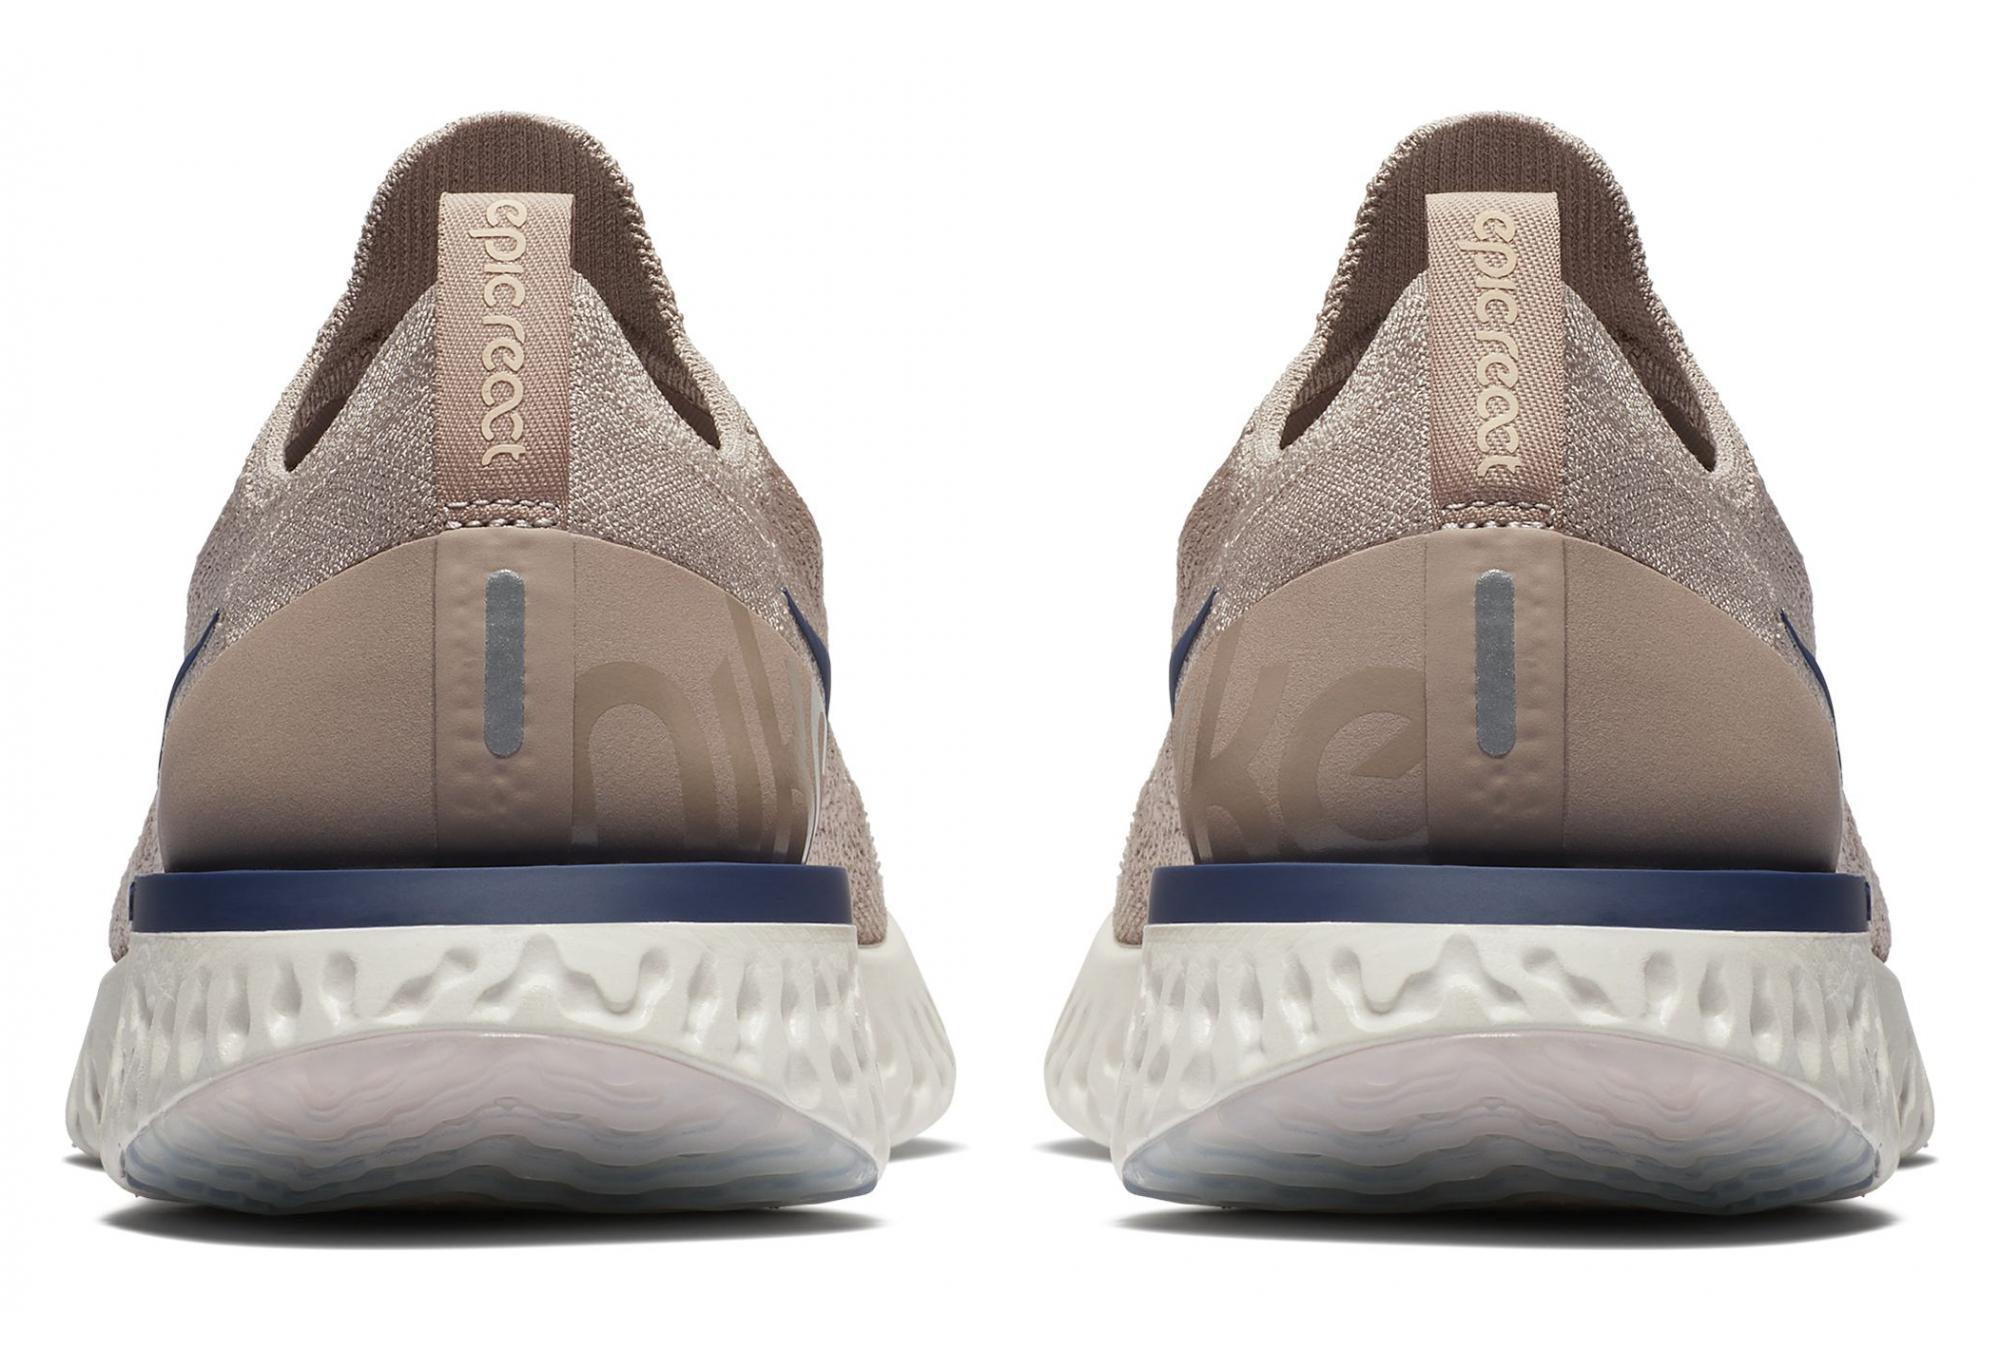 uk availability 53d6a adc9d Chaussures de Running Nike Epic React Flyknit Beige   Bleu